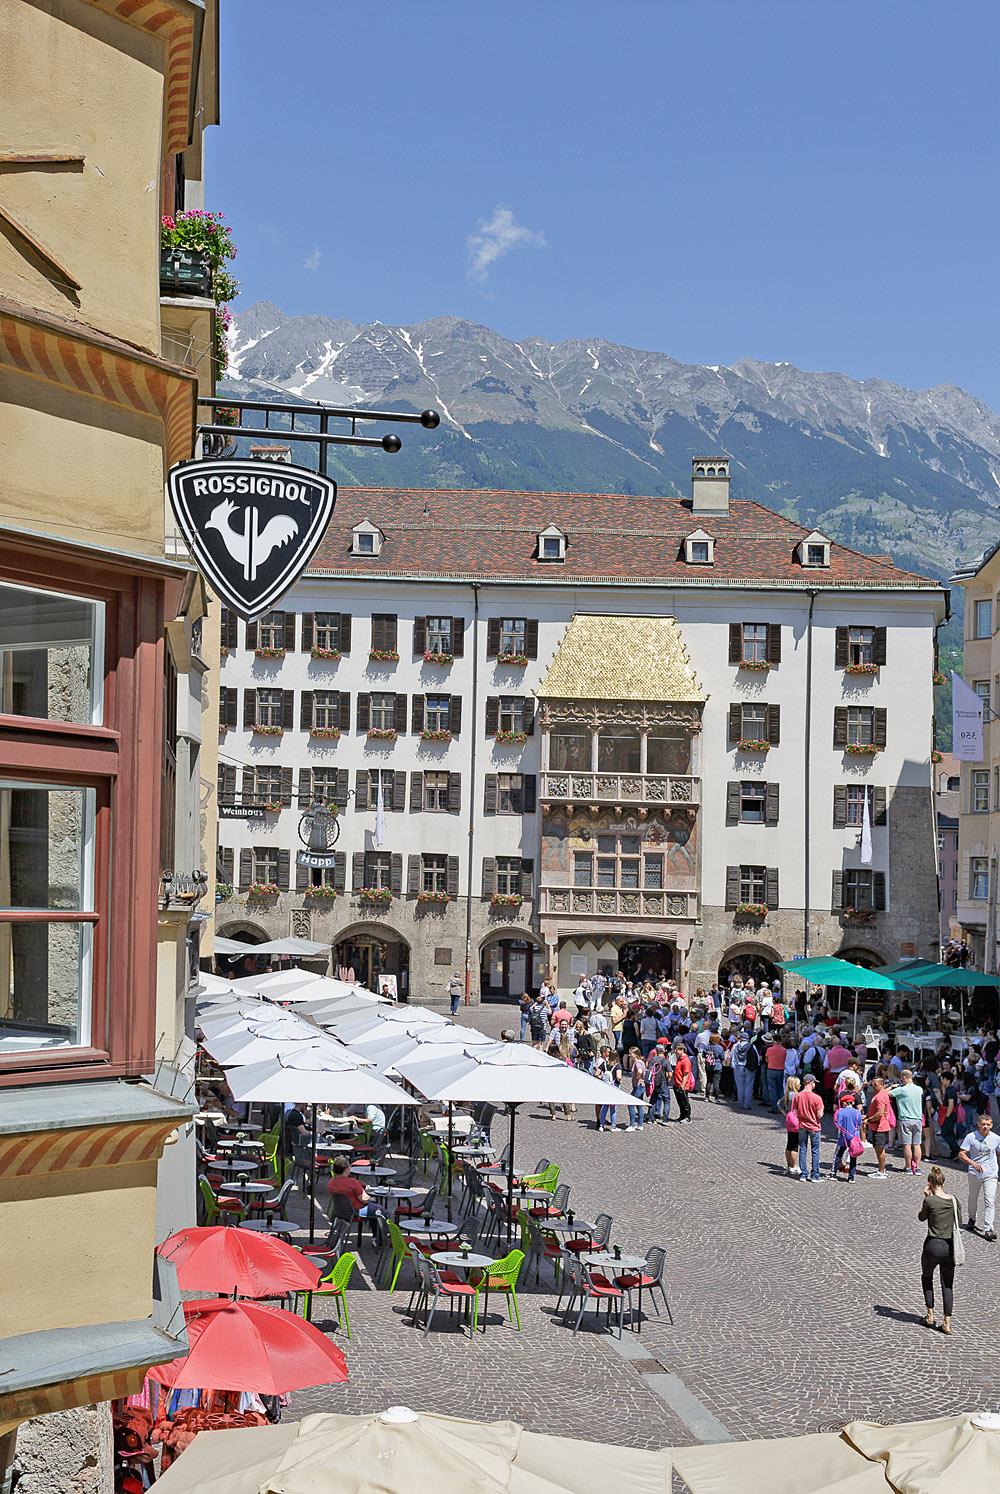 Die neue Rossignol-Boutique liegt ganz in der Nähe des Goldenen Dachls in Innsbruck